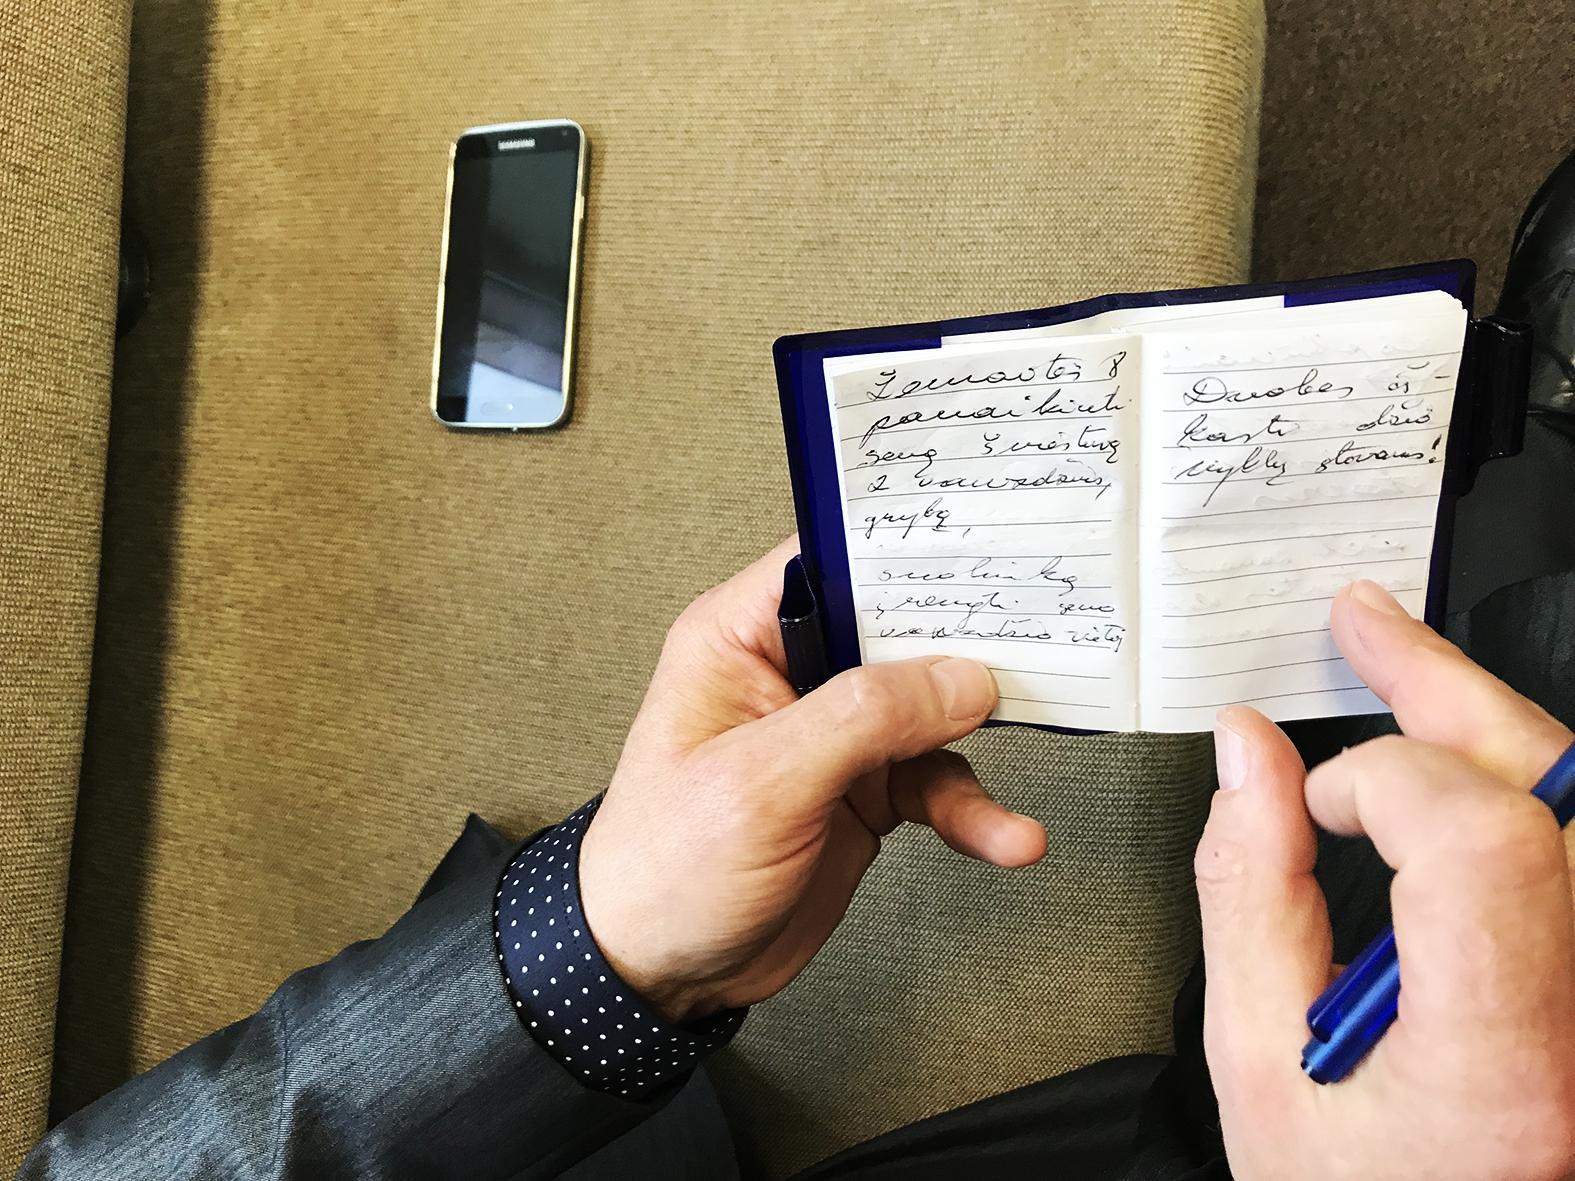 Valentinas Tamulis visuomet kišenėje nešiojasi mažą užrašų knygutę, kad net ir gatvėje ar parduotuvėje kėdainiečių užkalbintas, galėtų užsirašyti visas jų vardijamas problemas, kurias turi išspręsti seniūnija.